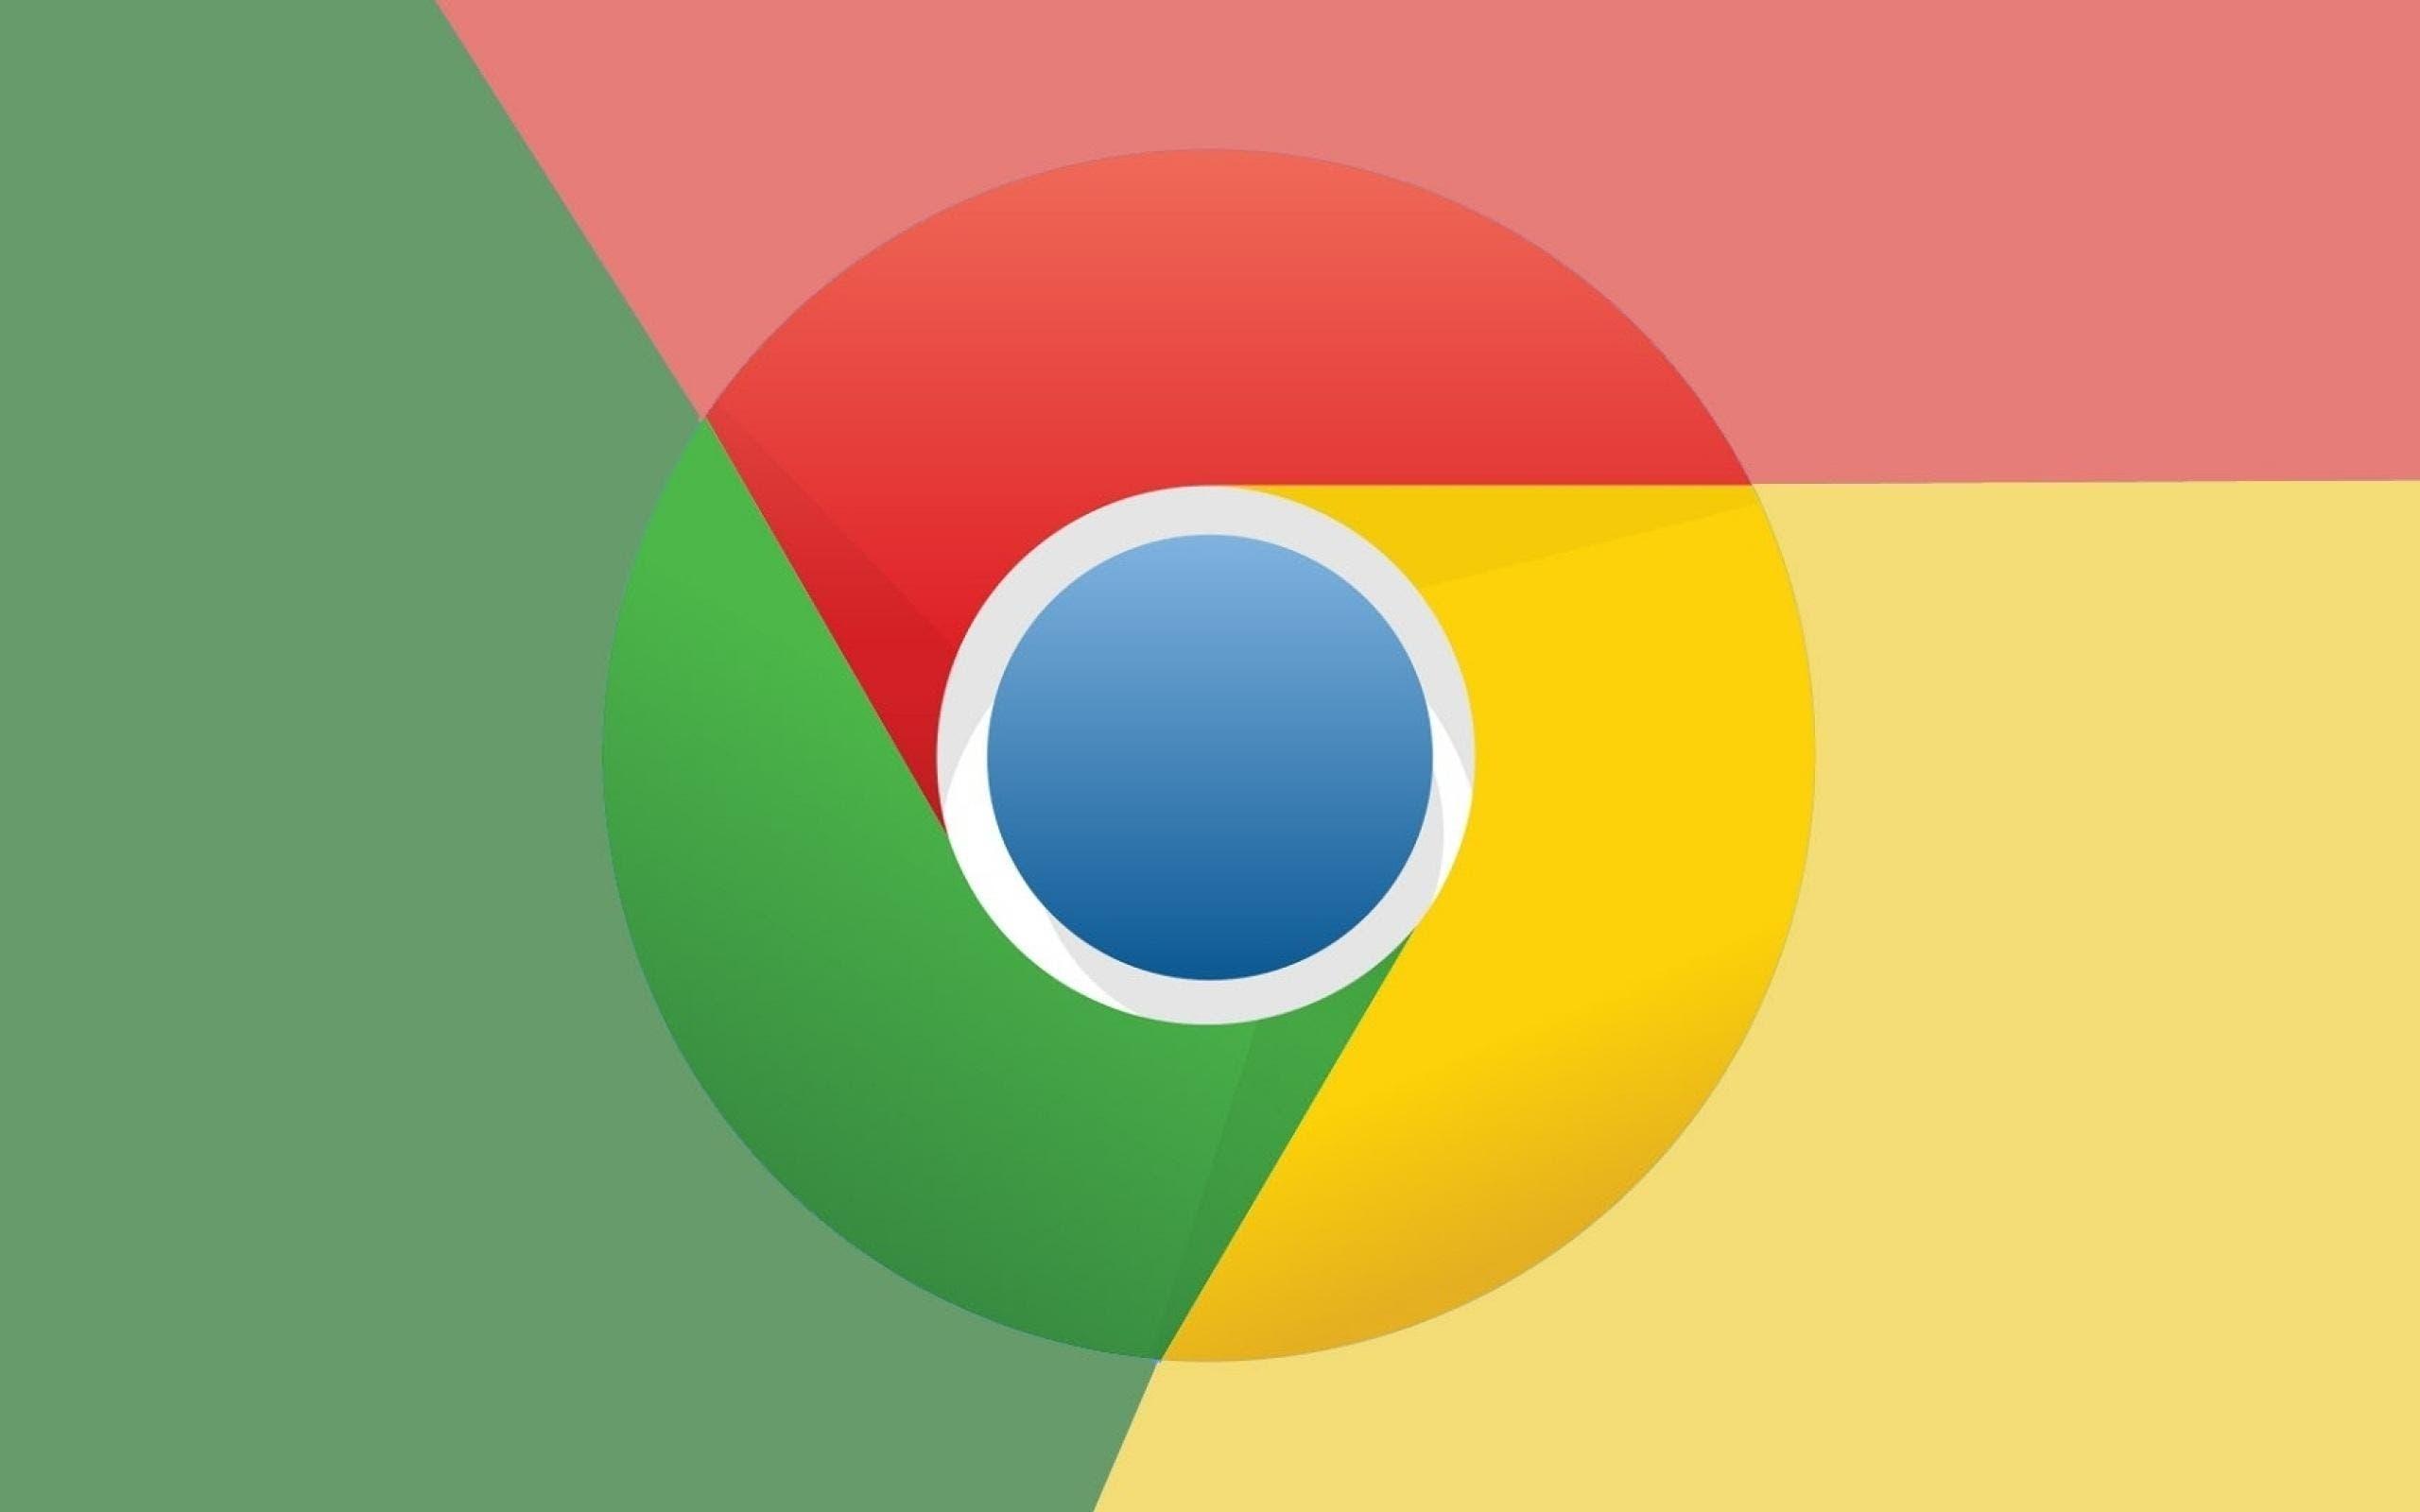 Chrome per Android si aggiorna: screenshot integrati ed editor incluso thumbnail